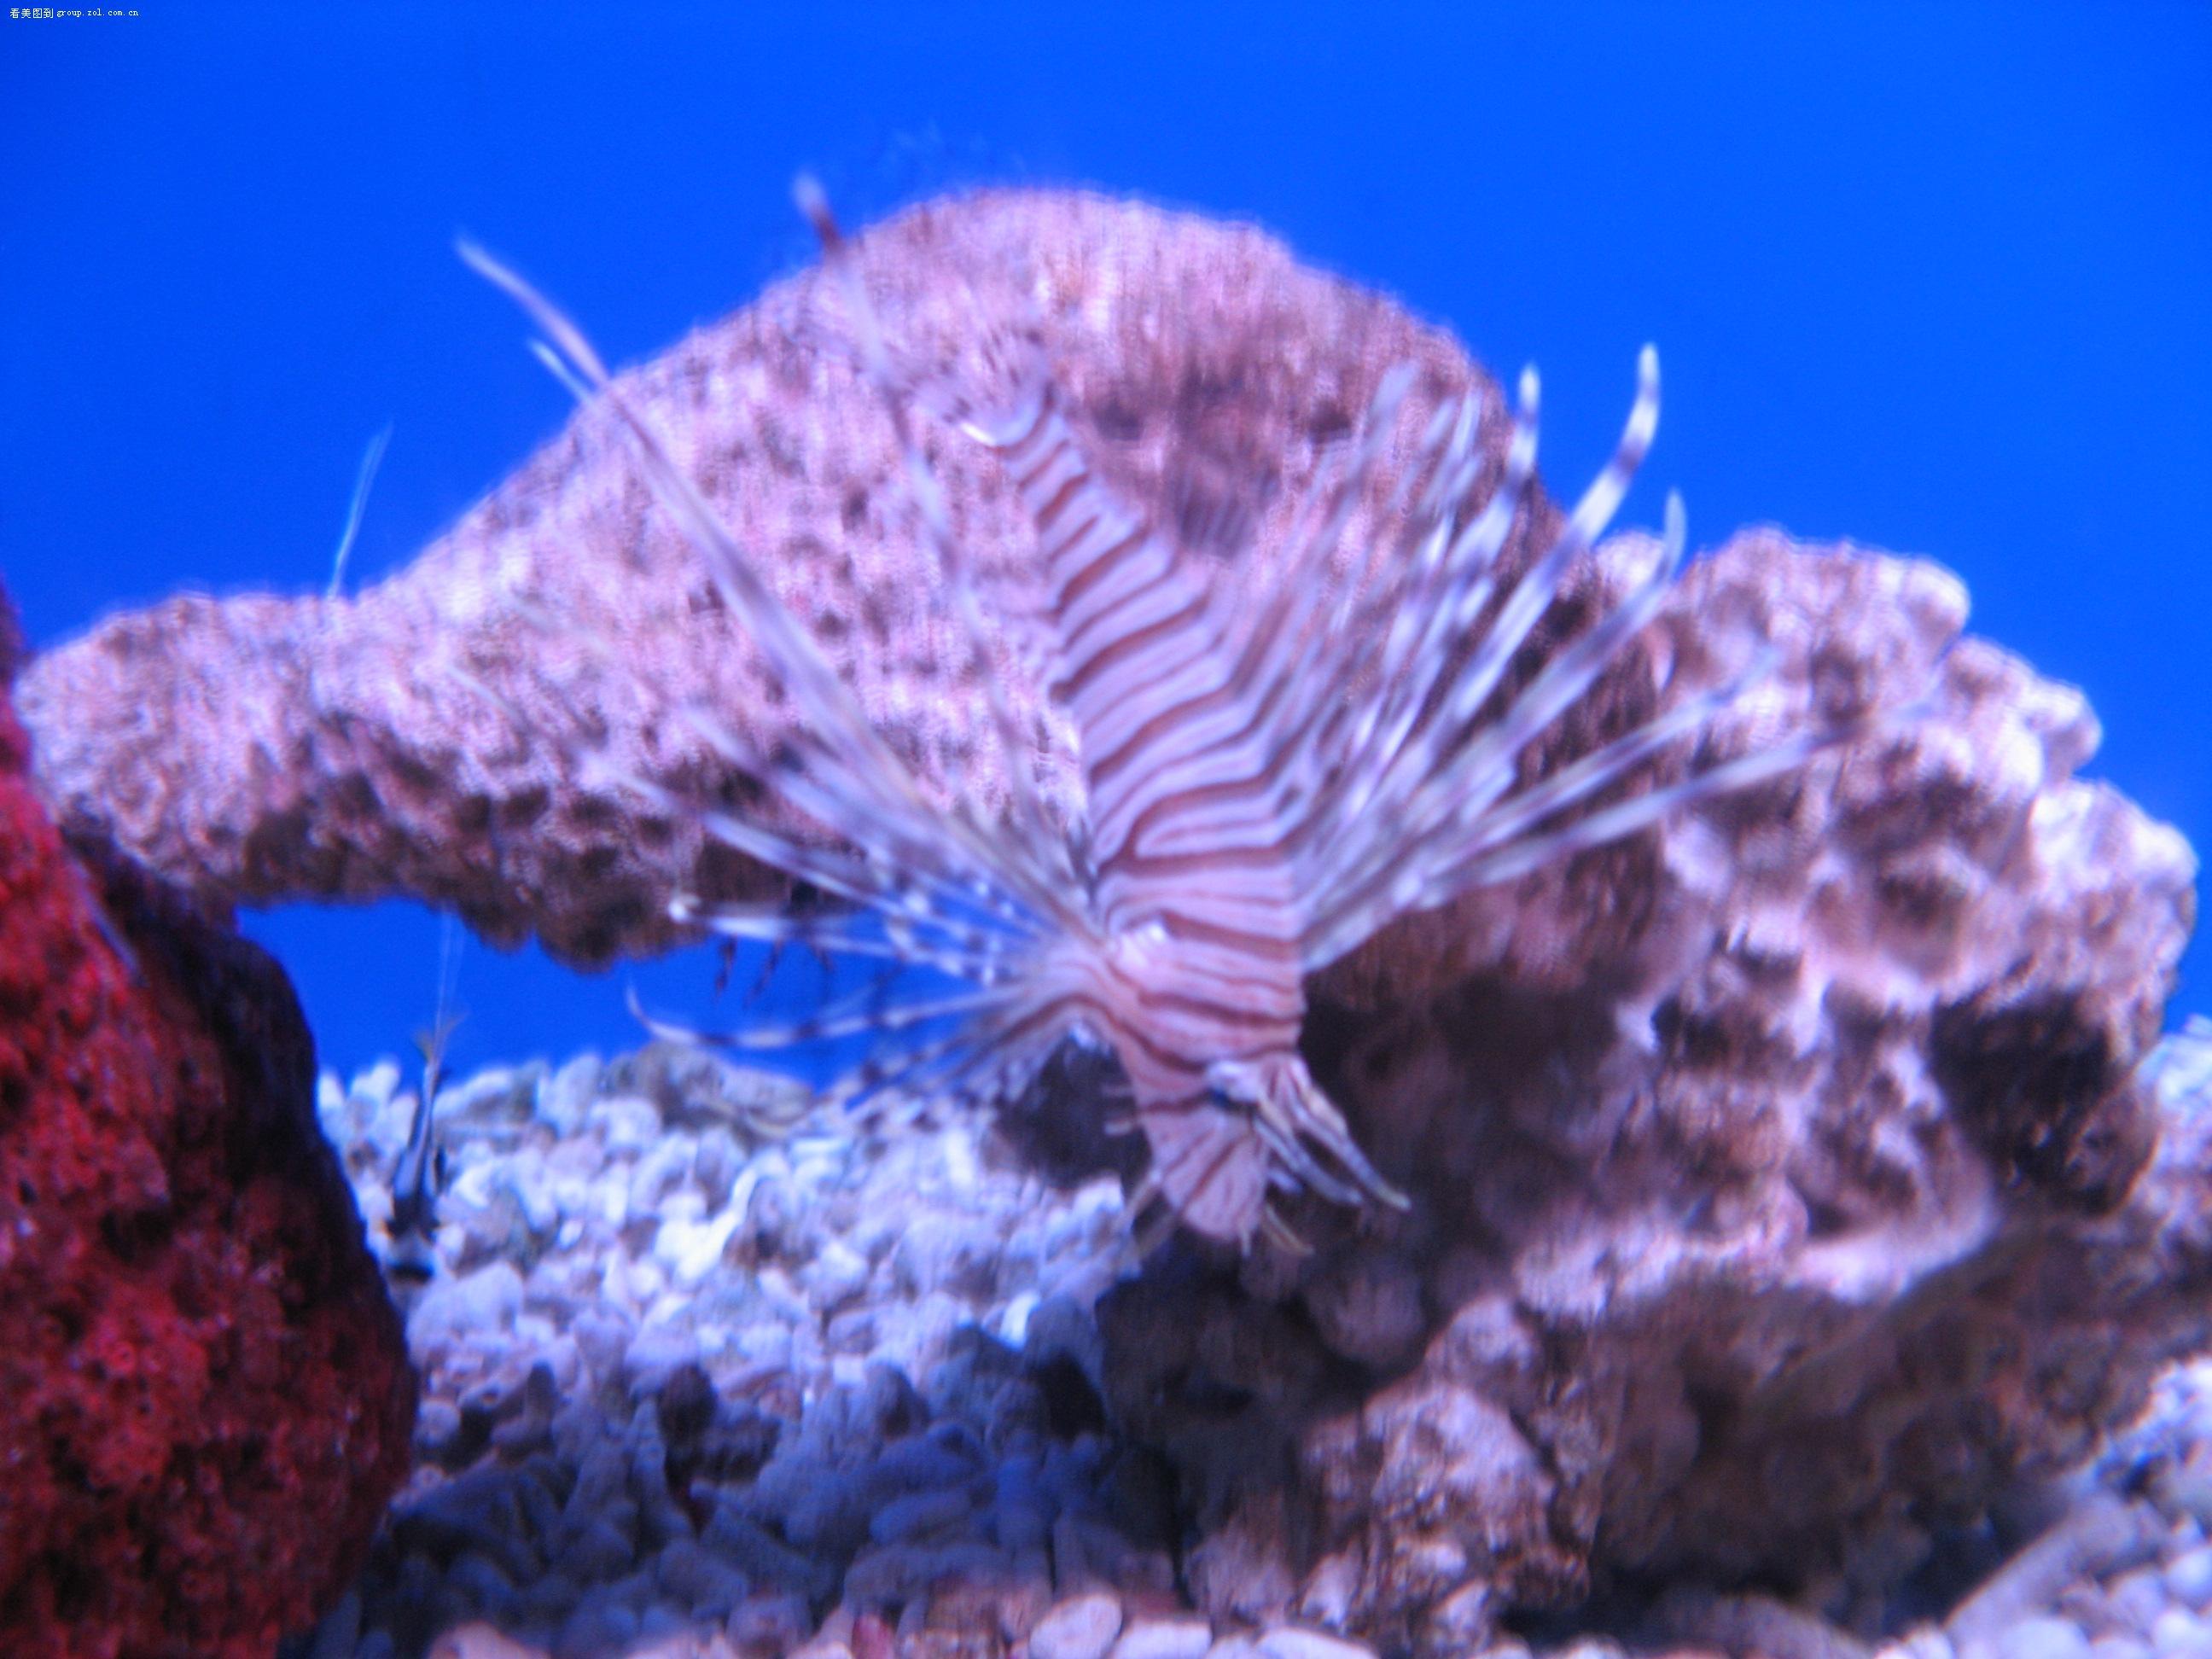 海底世界,这些是什么鱼呀?